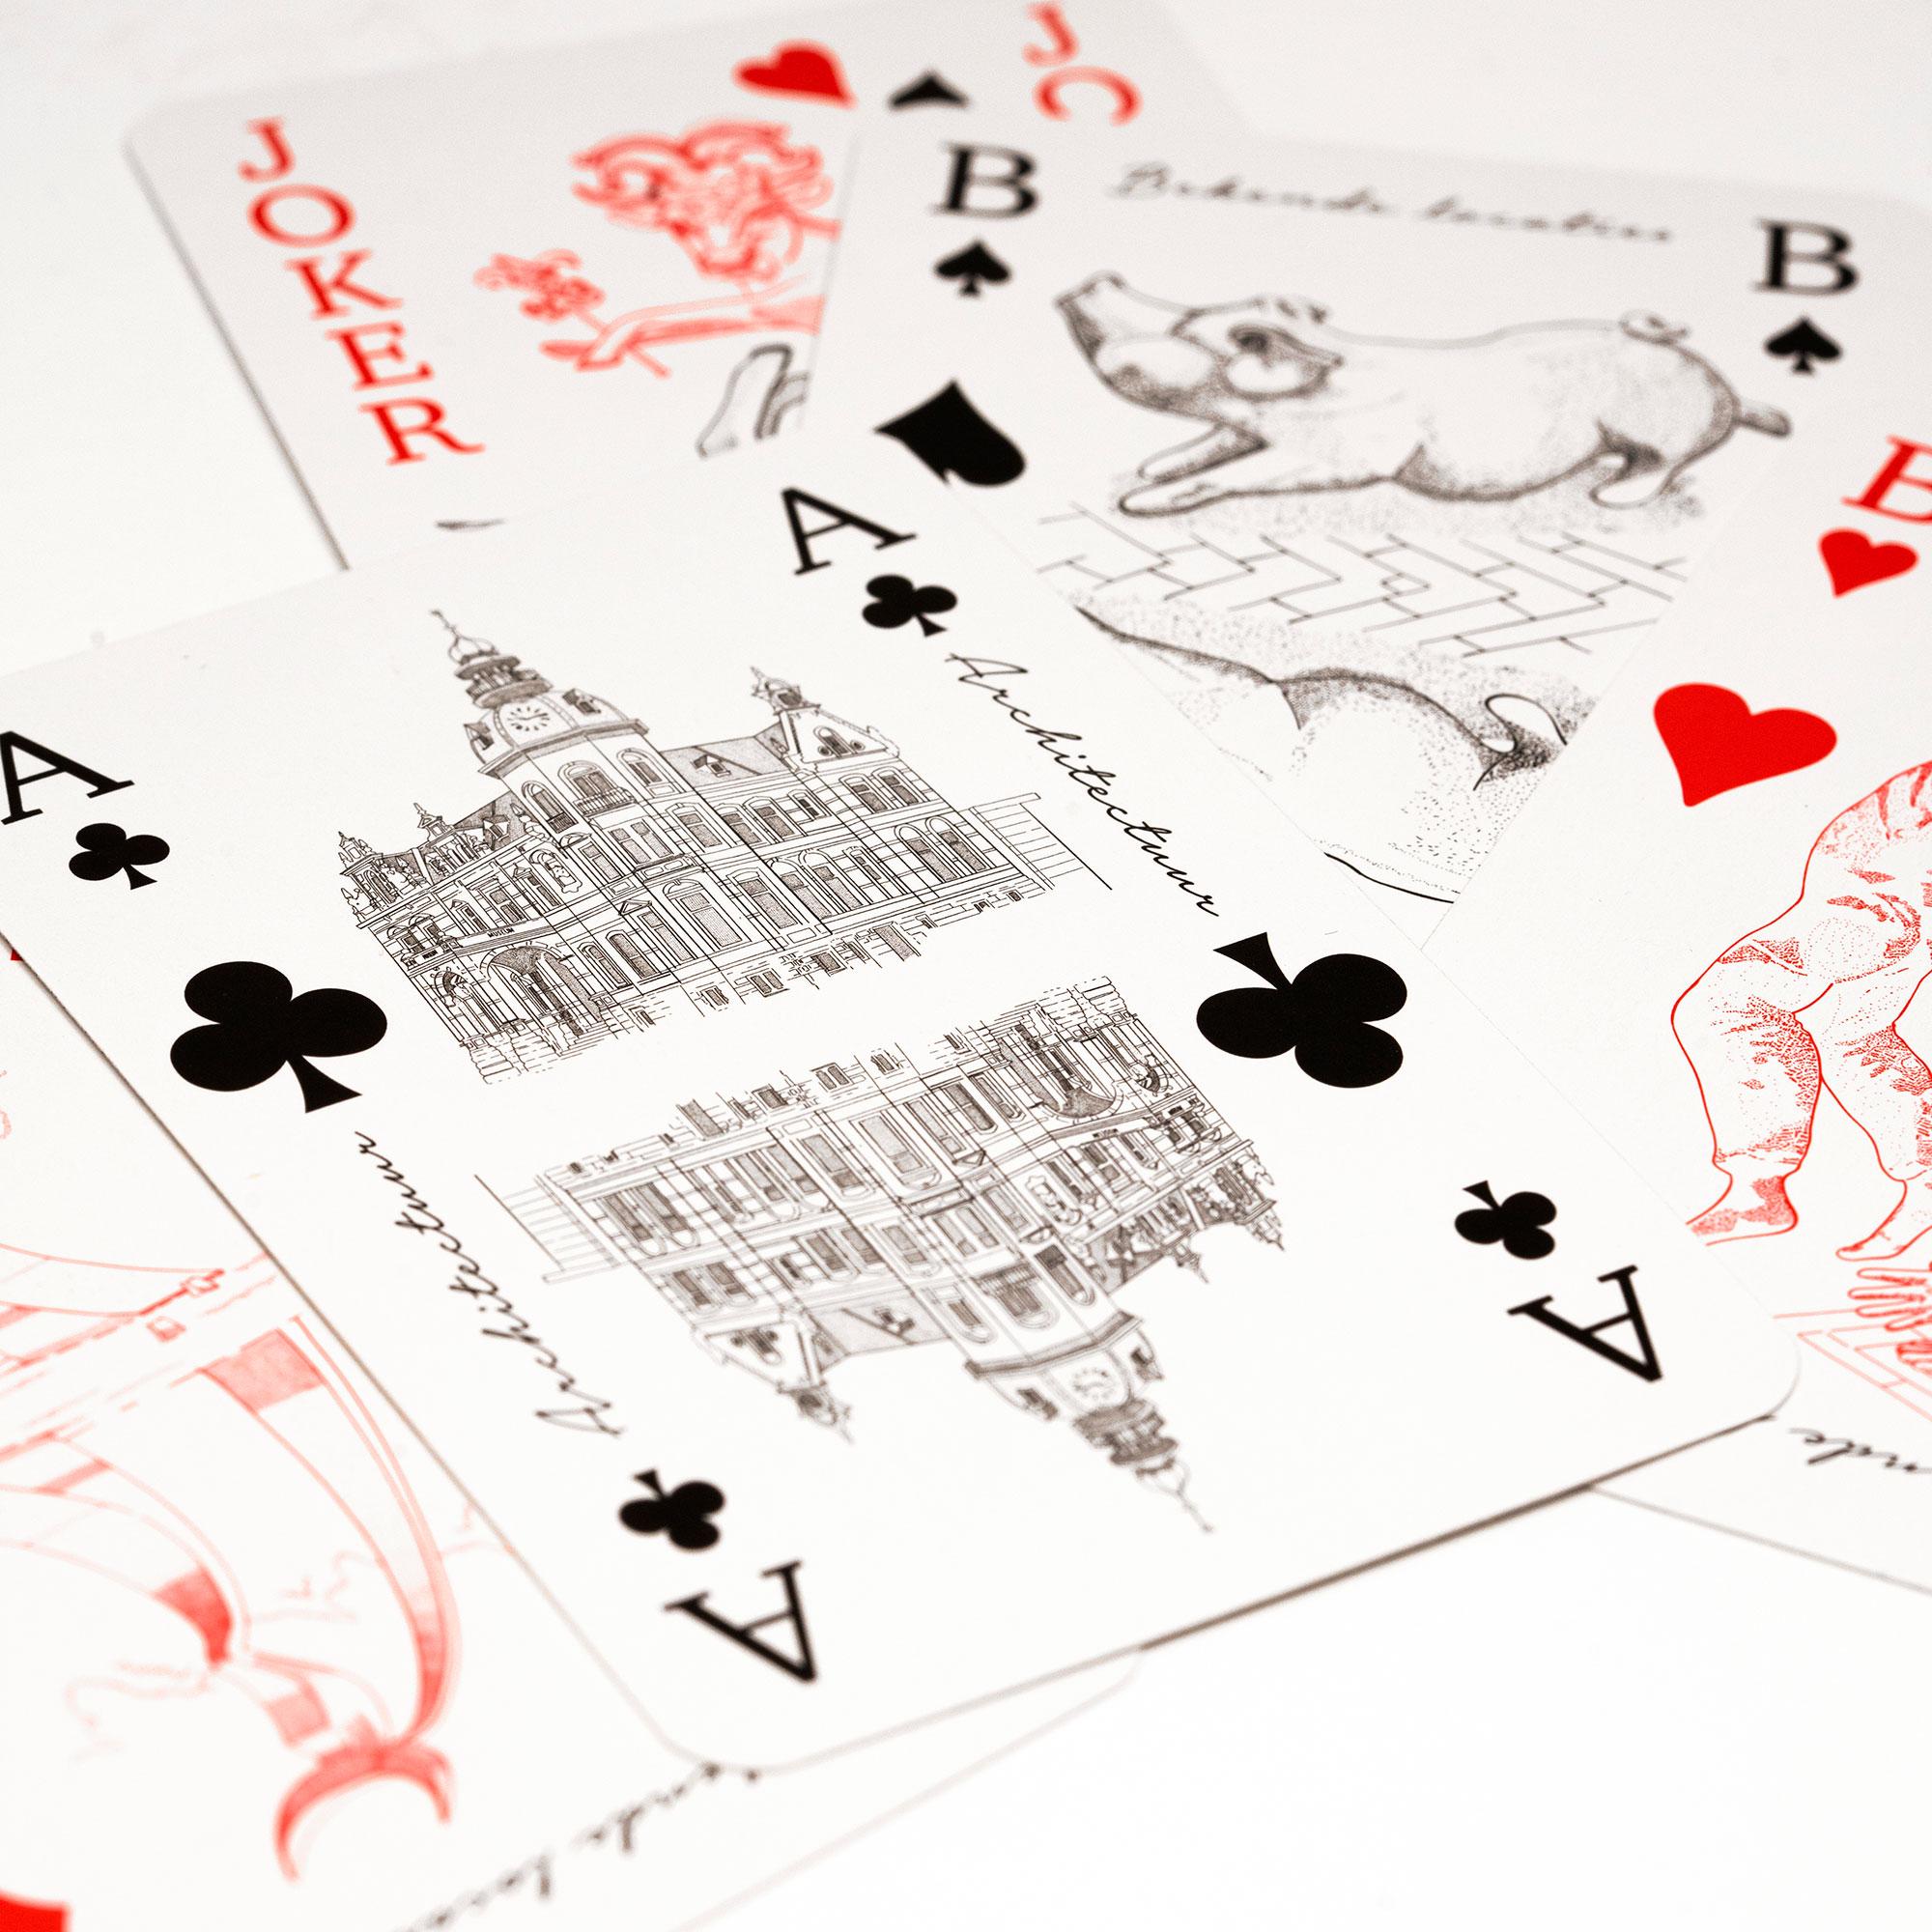 Osse producten, hart voor oss, stok van oss, kaarten, stok, speelkaarten